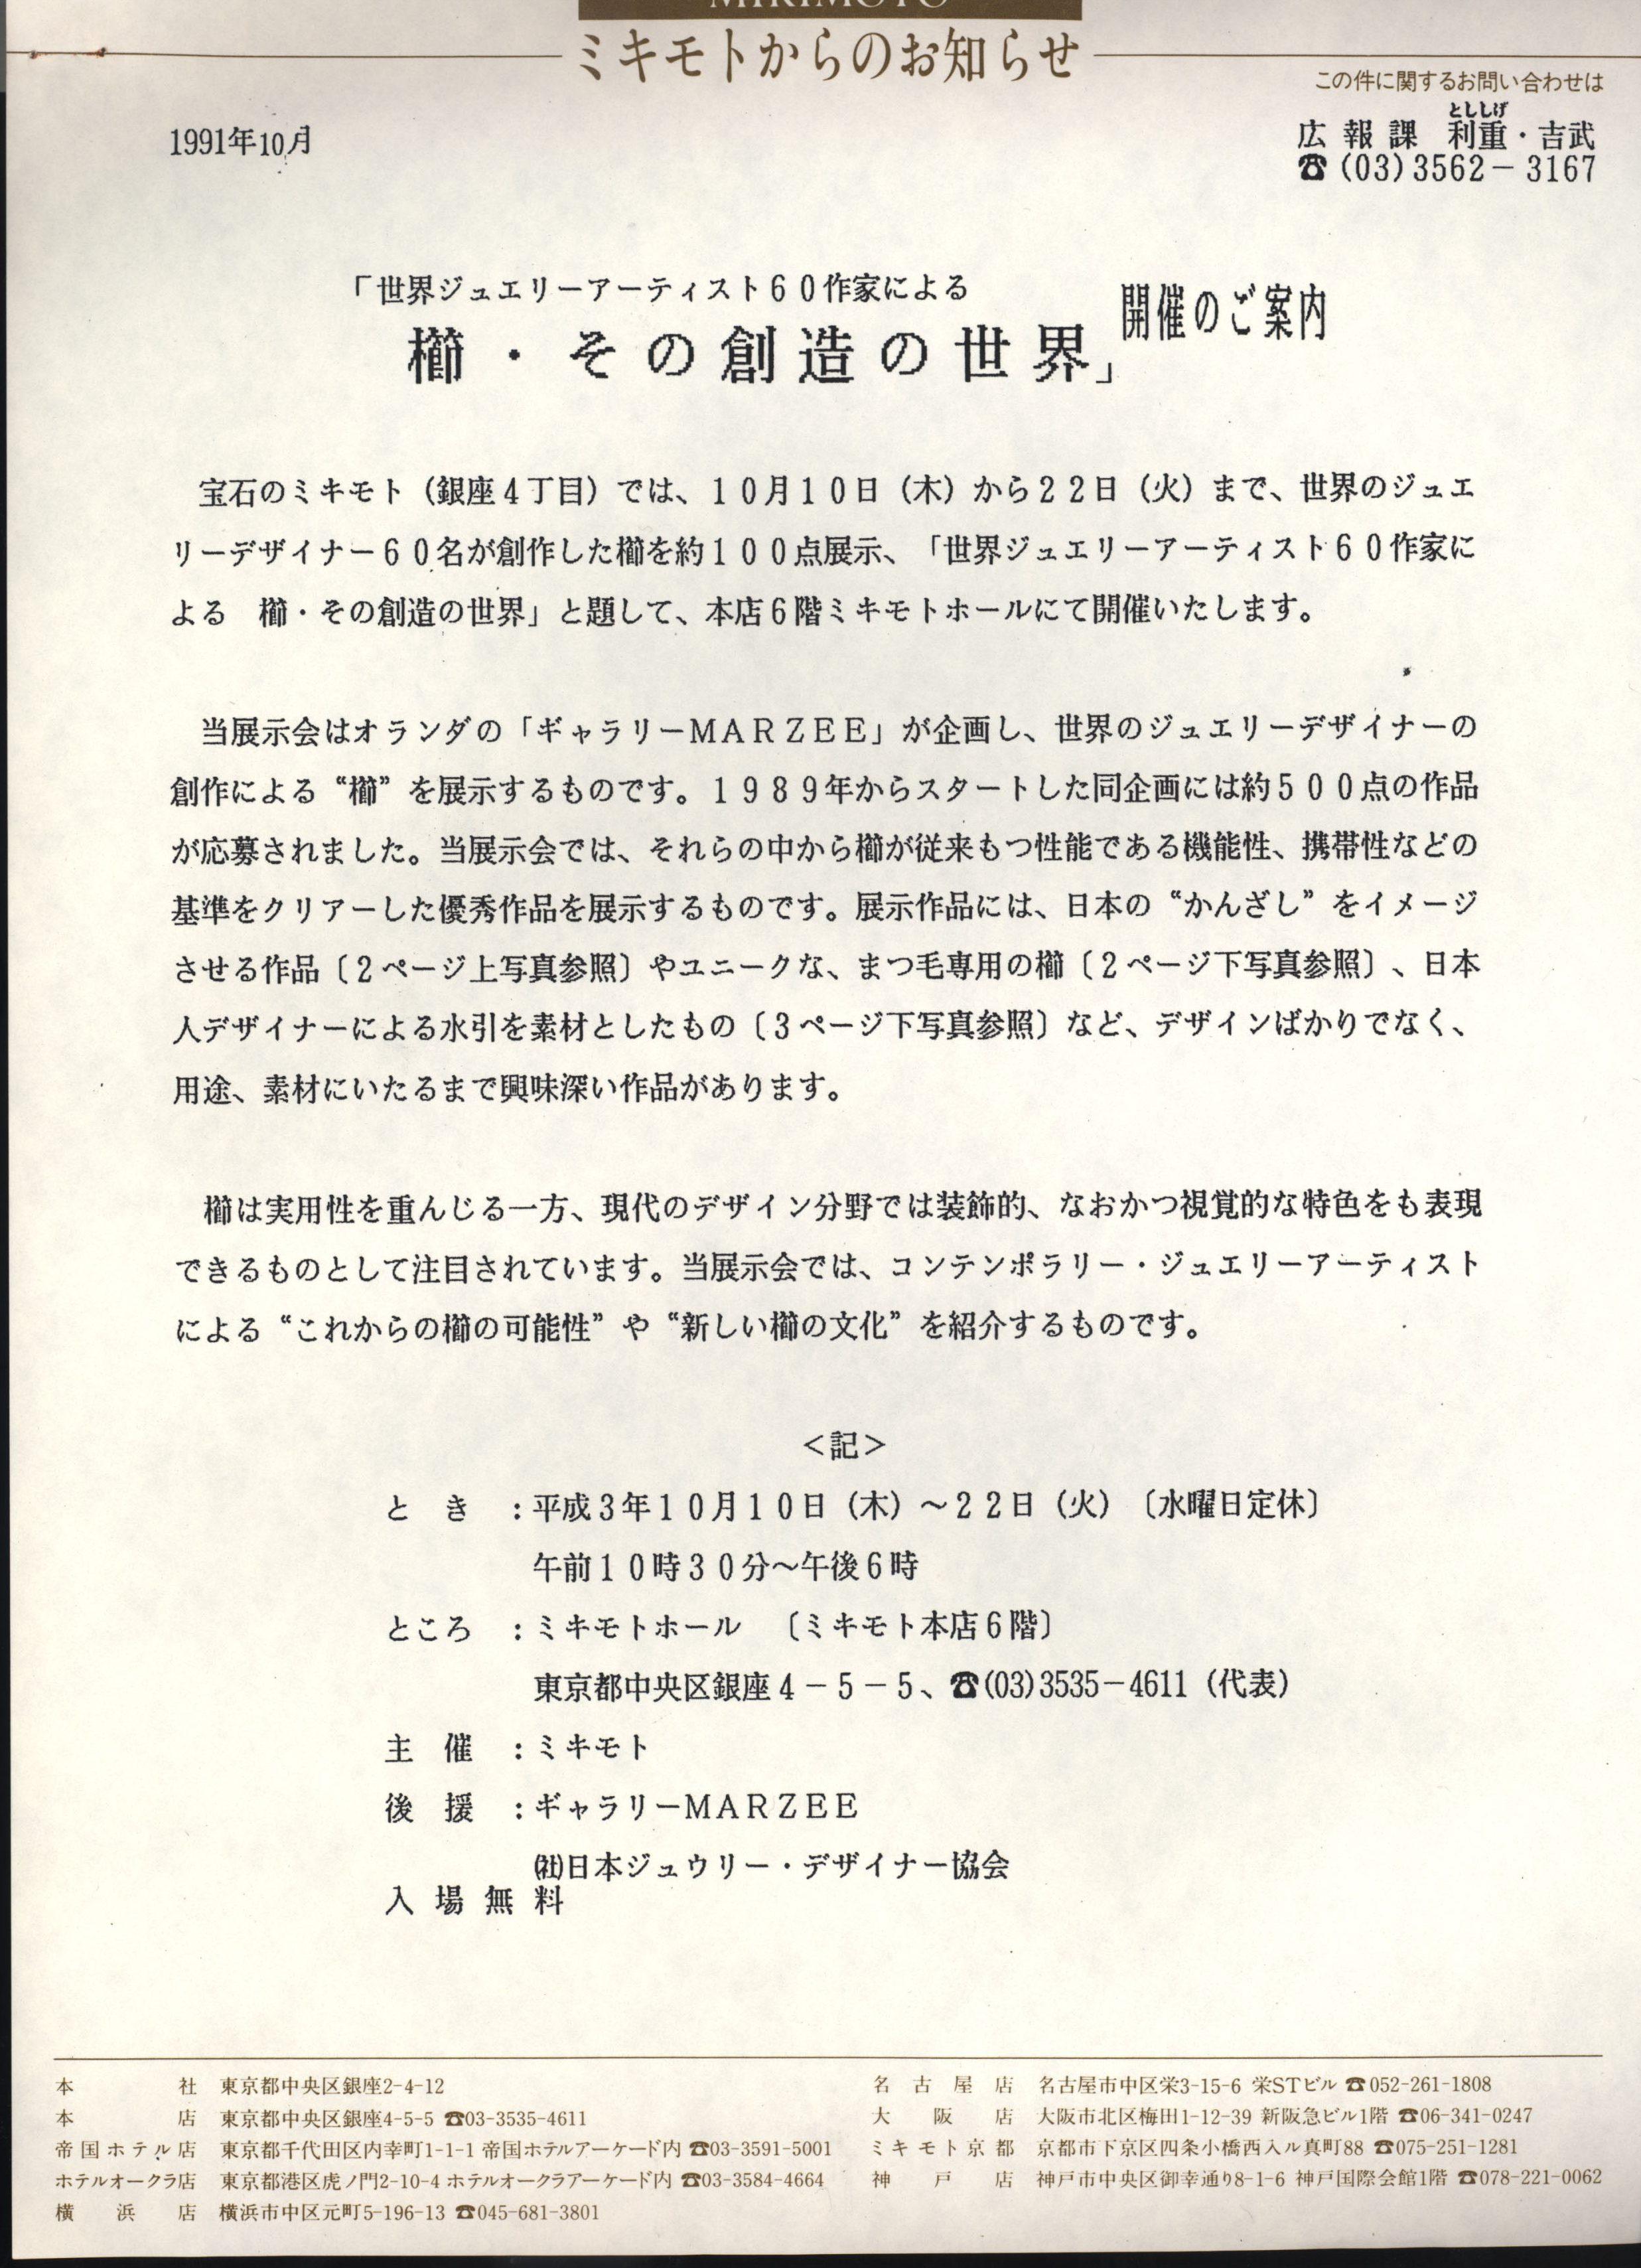 Kammen, Galerie Marzee, Mikimoto, Japan, 1991